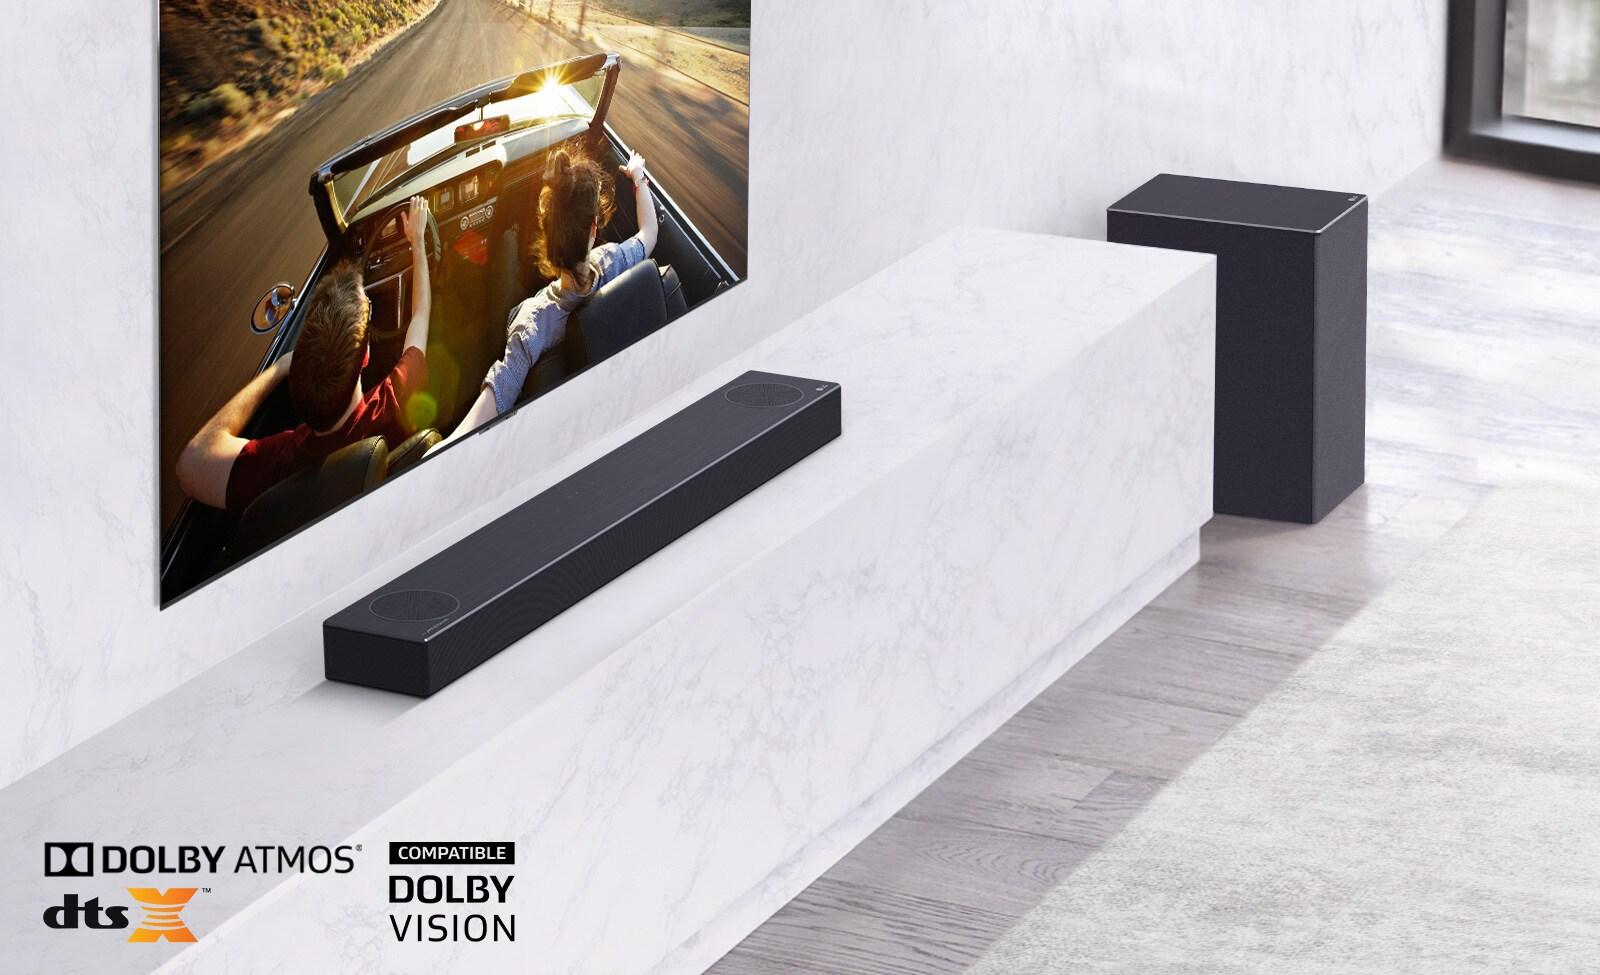 Televizor je na steni, zvočnik LG Soundbar je pod njim na polici iz belega marmorja, desno od njega pa je nizkofrekvenčni zvočnik. Televizija prikazuje par v avtu.